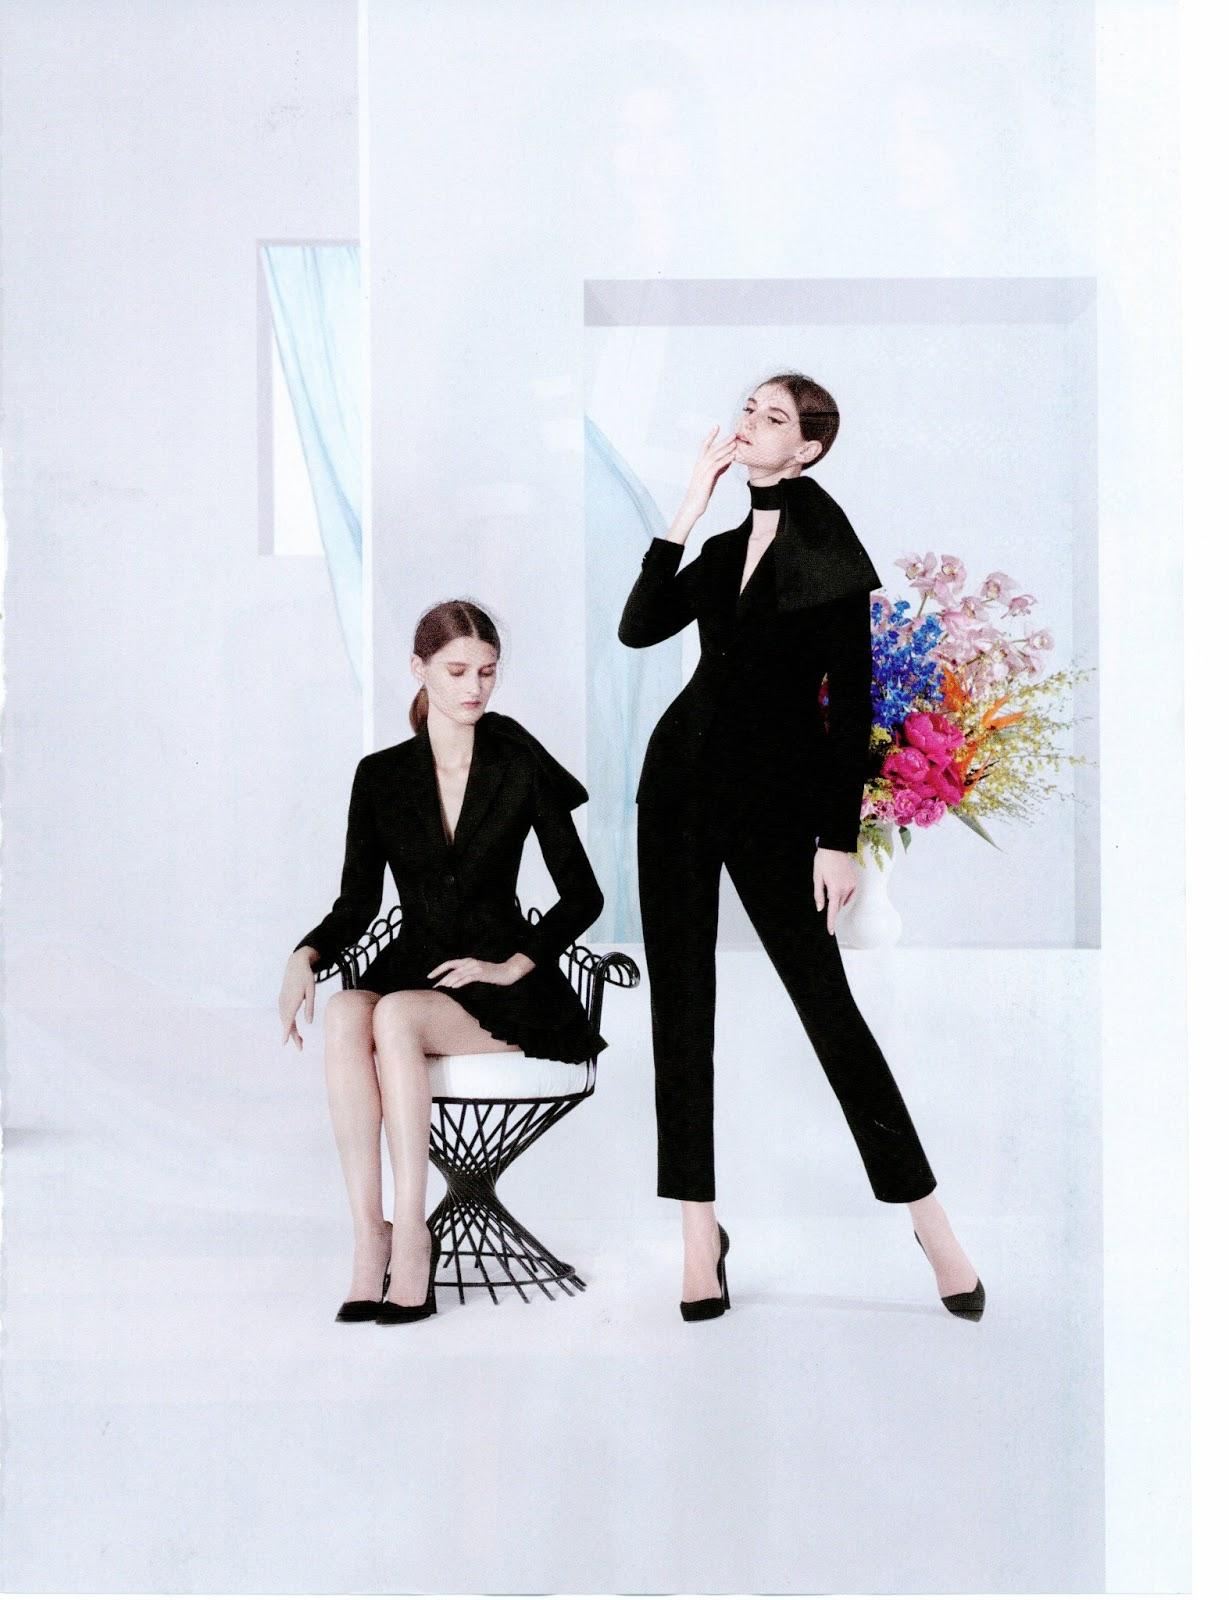 http://2.bp.blogspot.com/-FsUlsVpnUYA/UTpAQRs8l7I/AAAAAAAAAUQ/dtWSJ4s5EU4/s1600/Pal+++Smith_Flower+Power_Dior+2.jpg